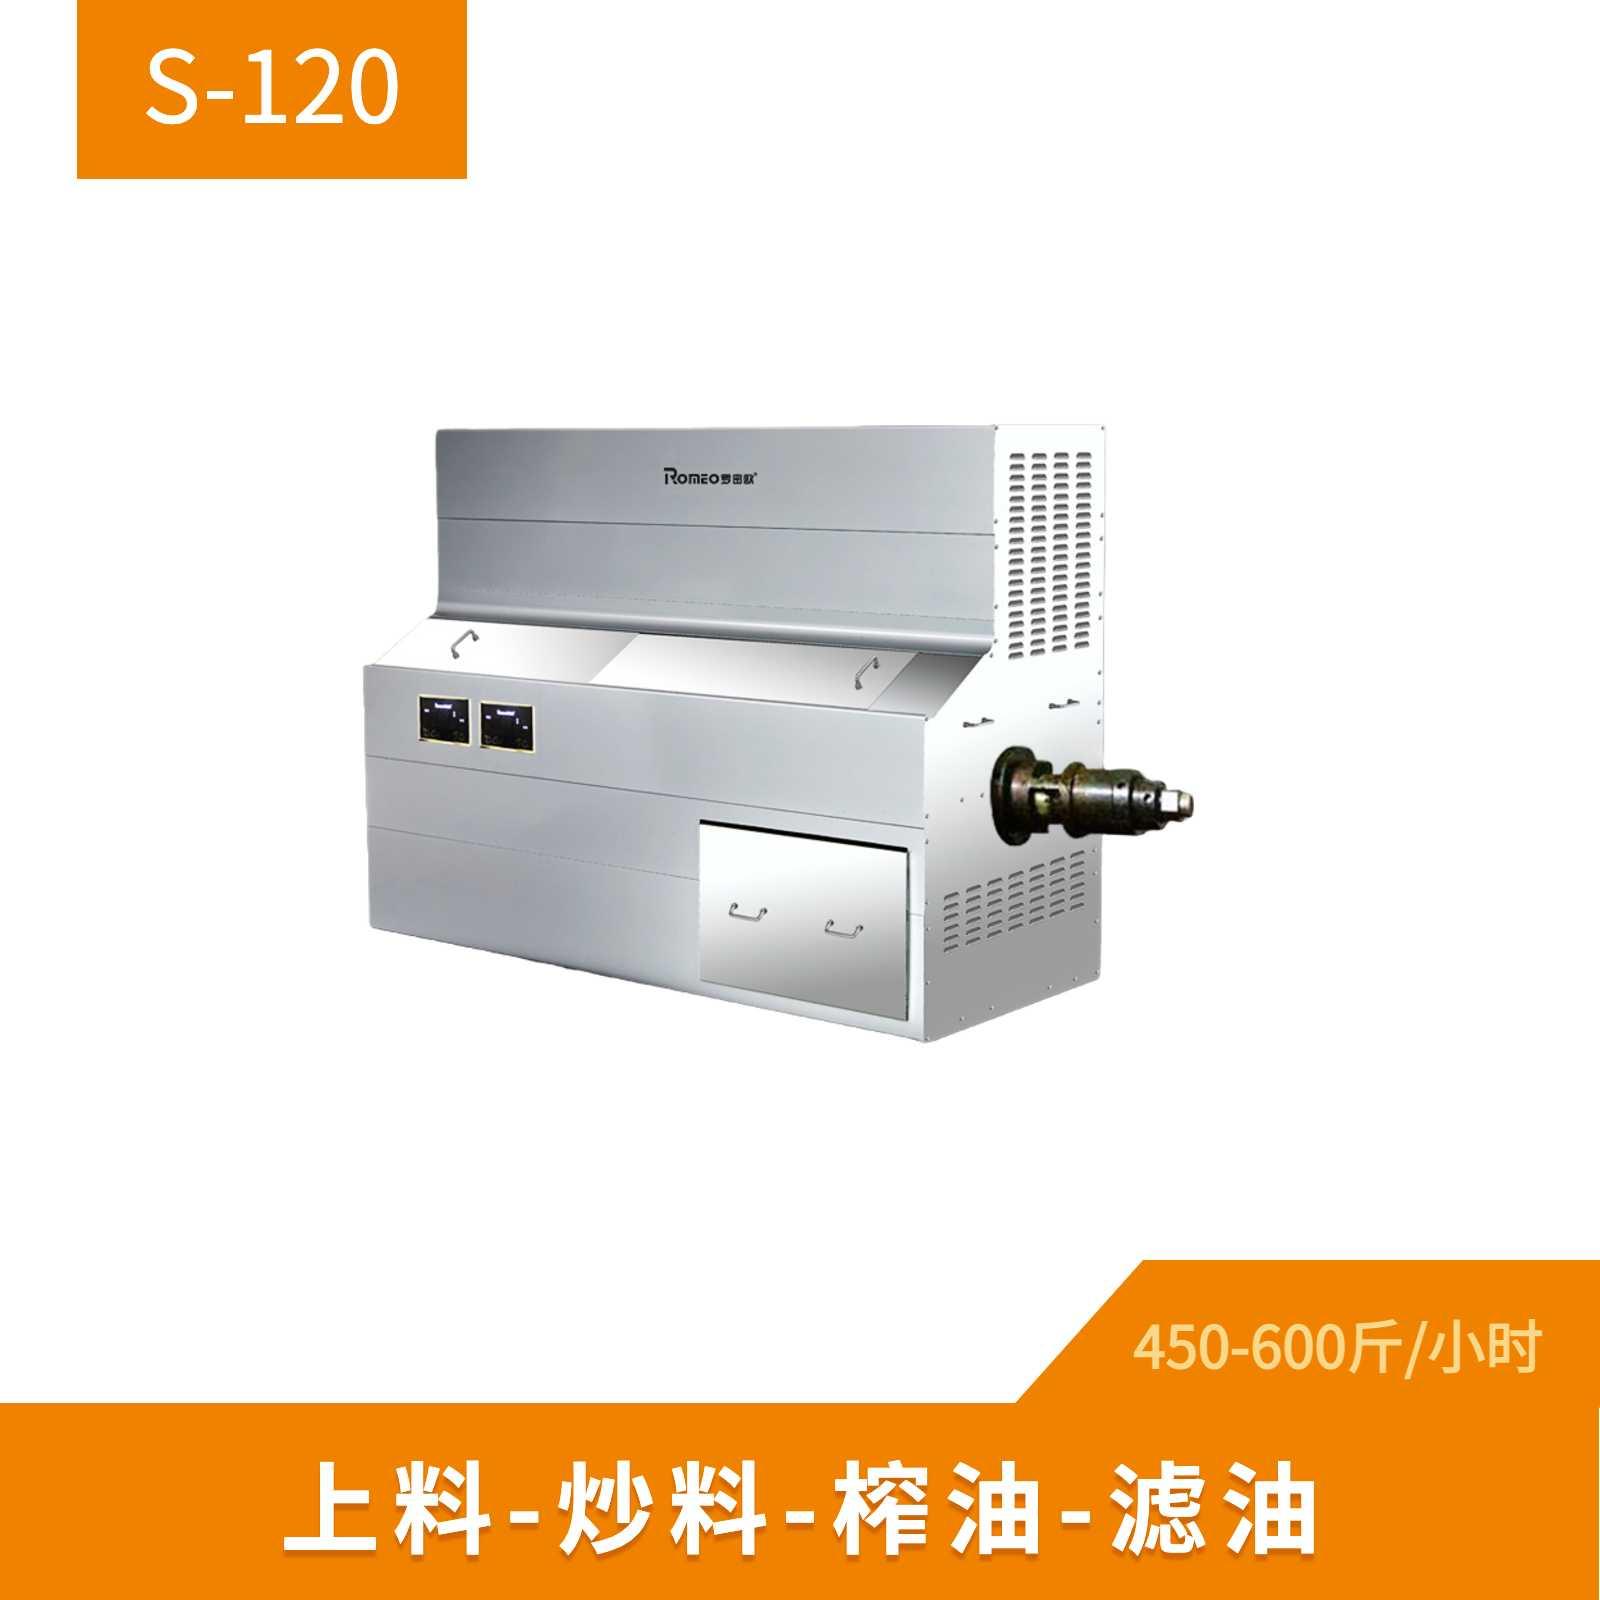 电磁炒料榨油机 D-120